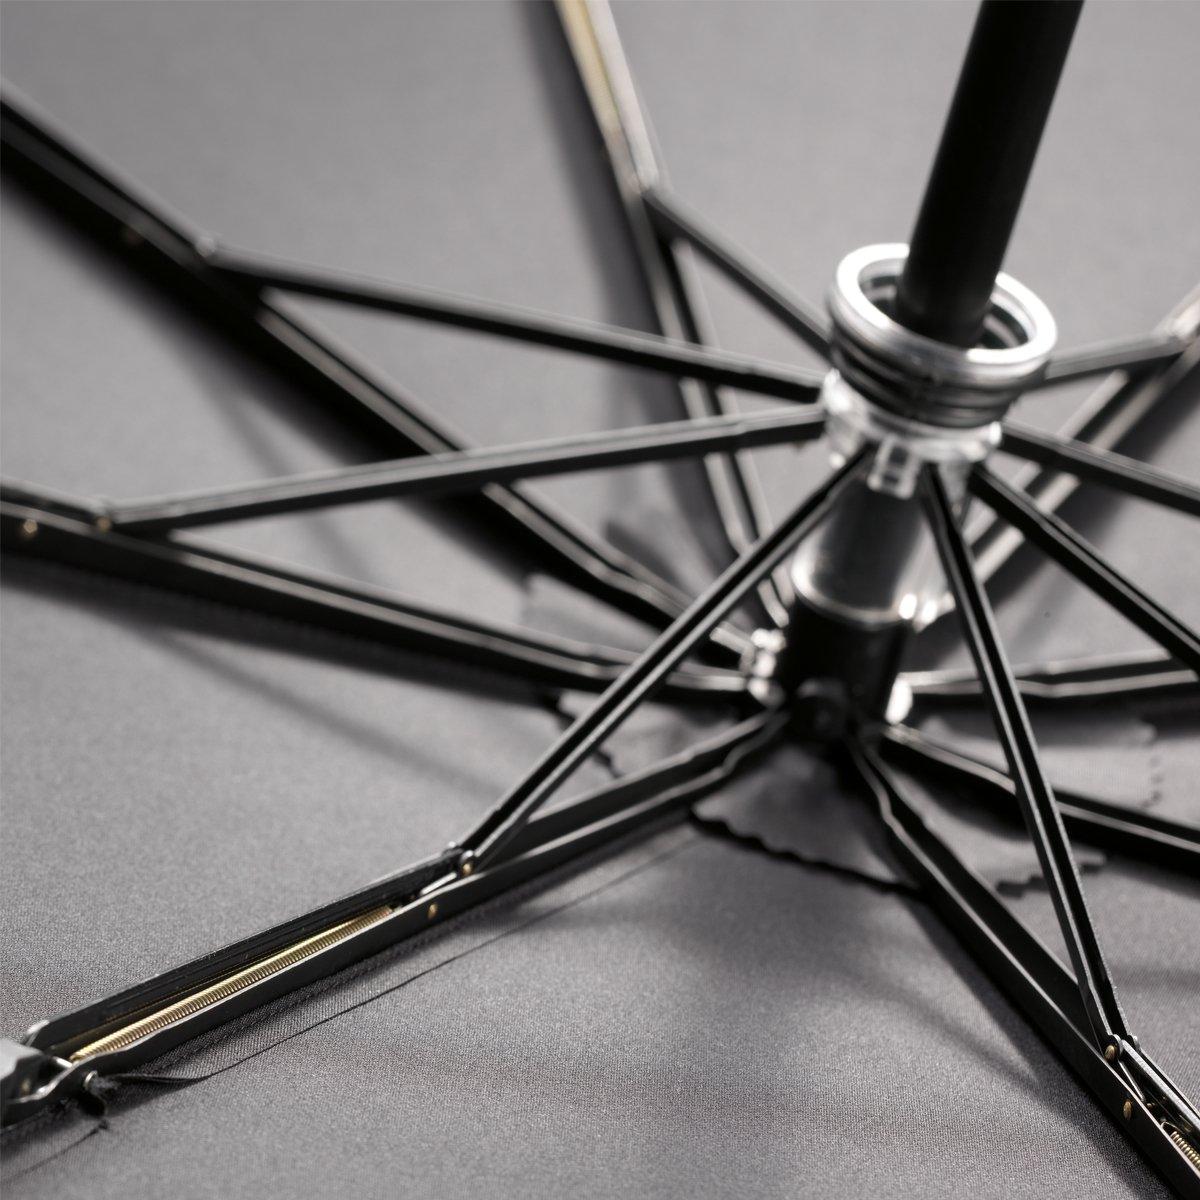 Knirps Fiber Big Duomatic Regenschirm schwarz